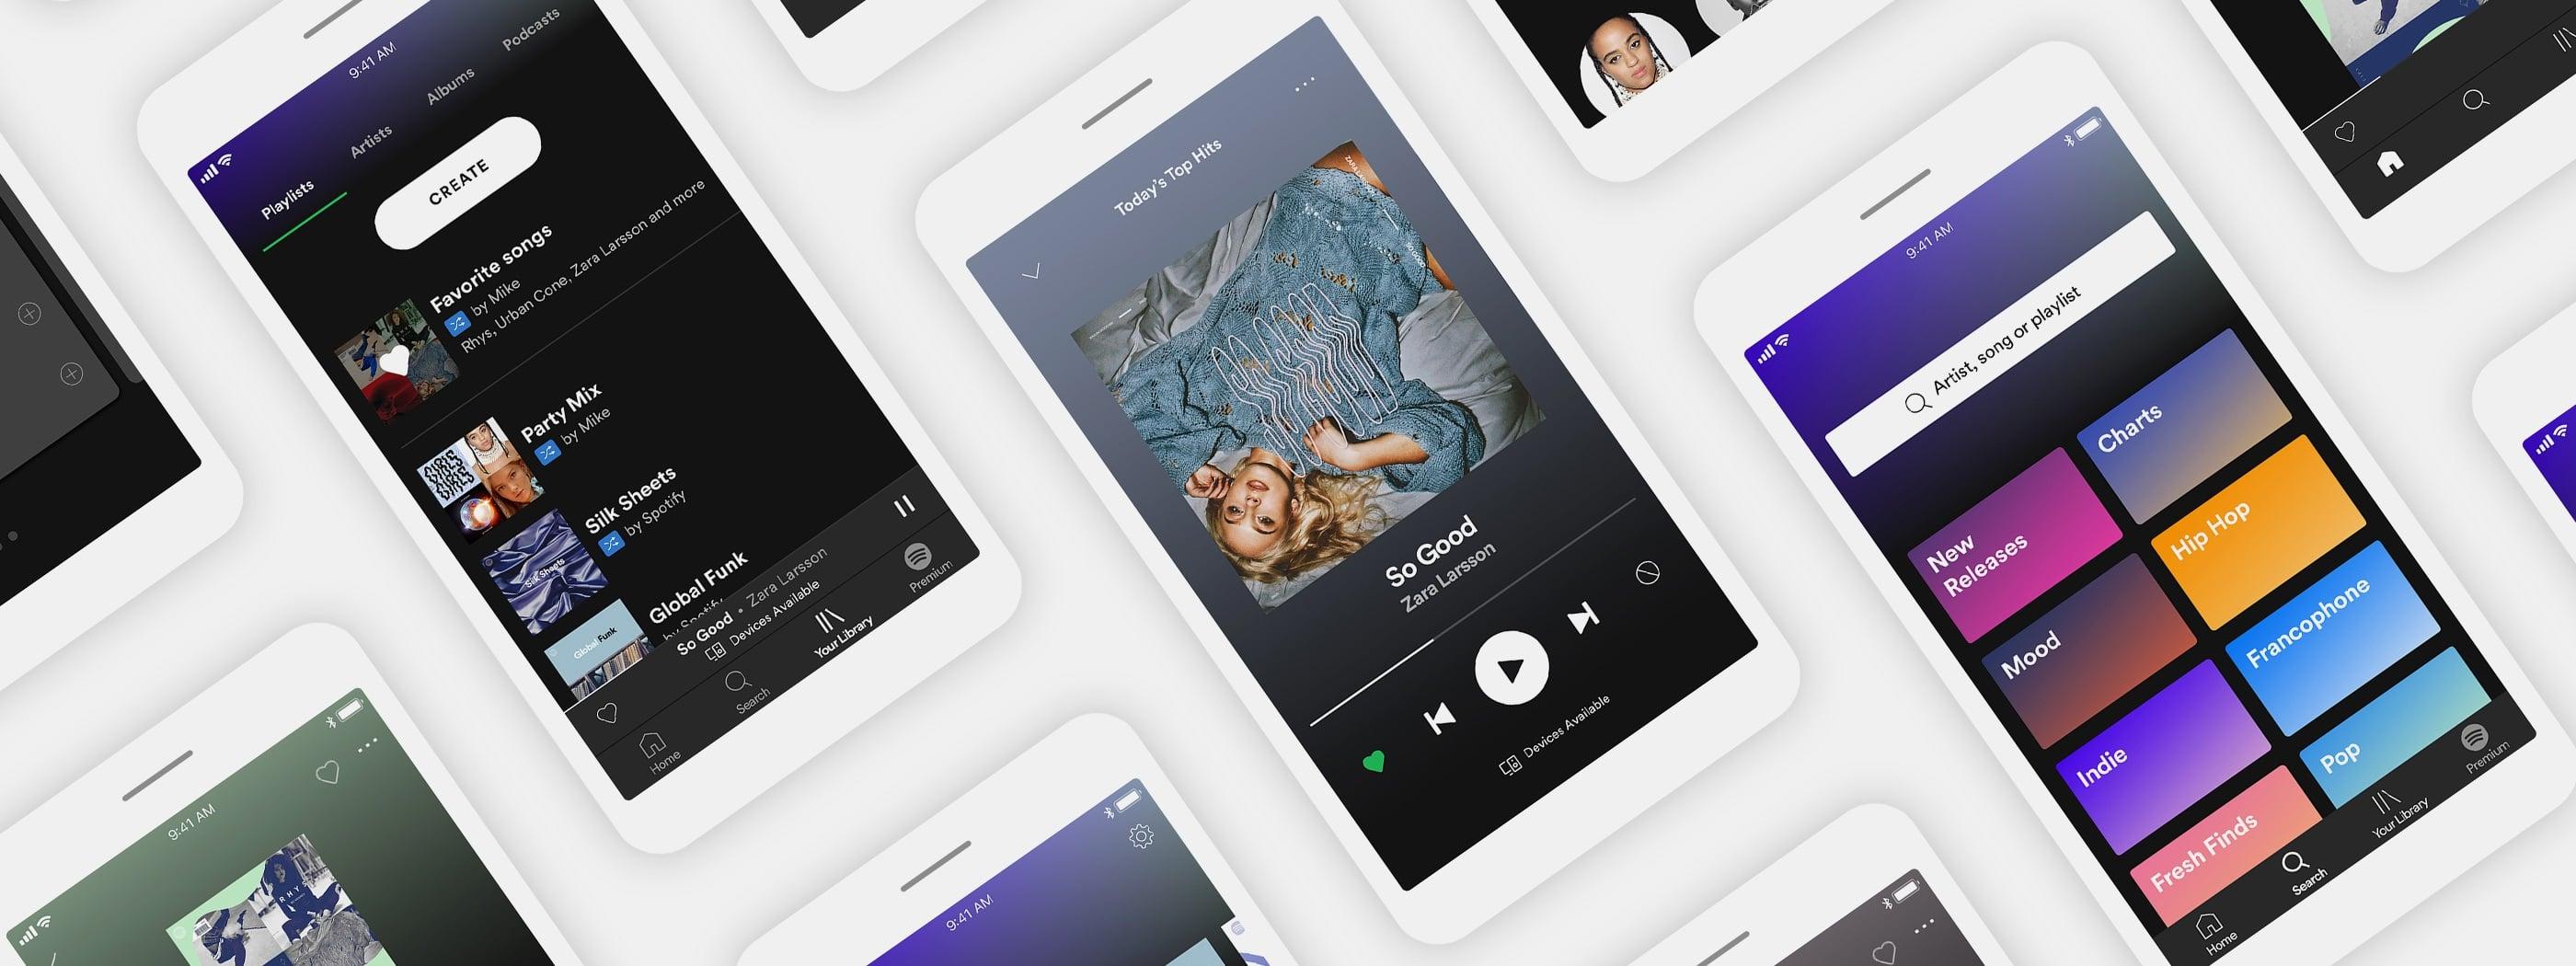 Spotify ma już 100 mln subskrybentów i nadal spore problemy z odnotowaniem zysku 30